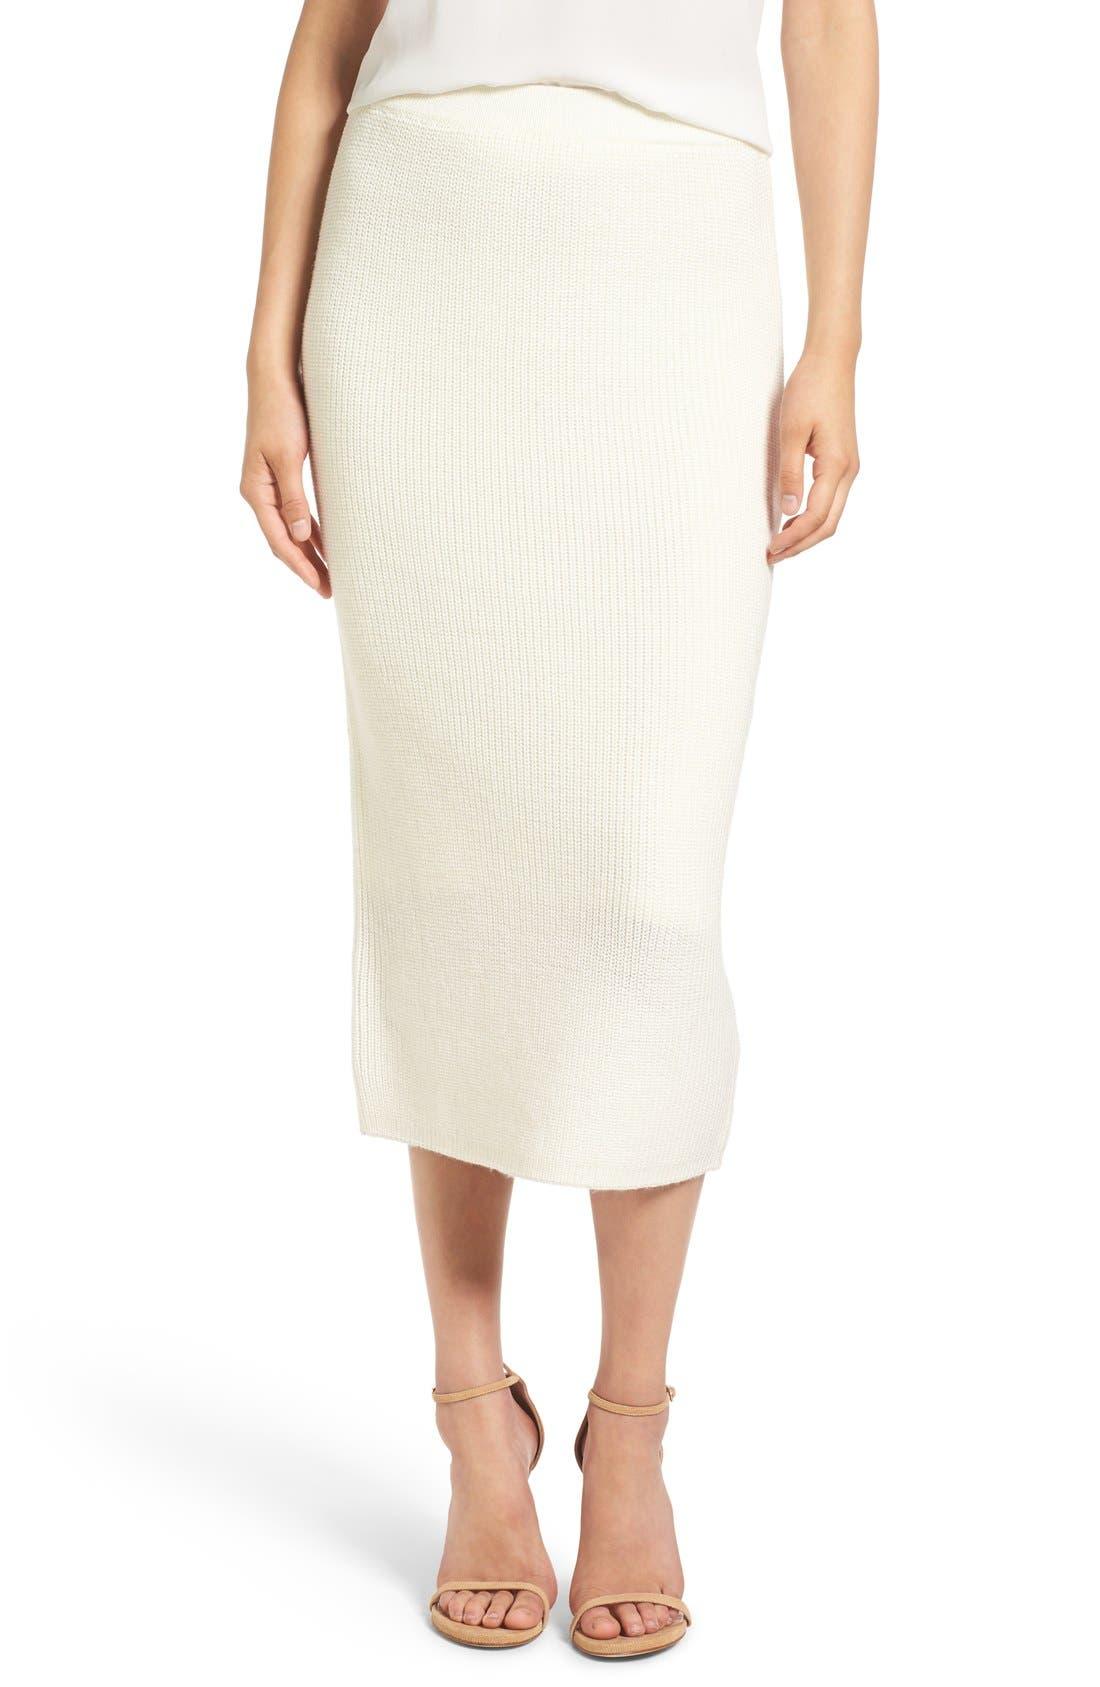 by Lauren Conrad 'Copenhagen' Knit Tube Skirt,                         Main,                         color, Winter White